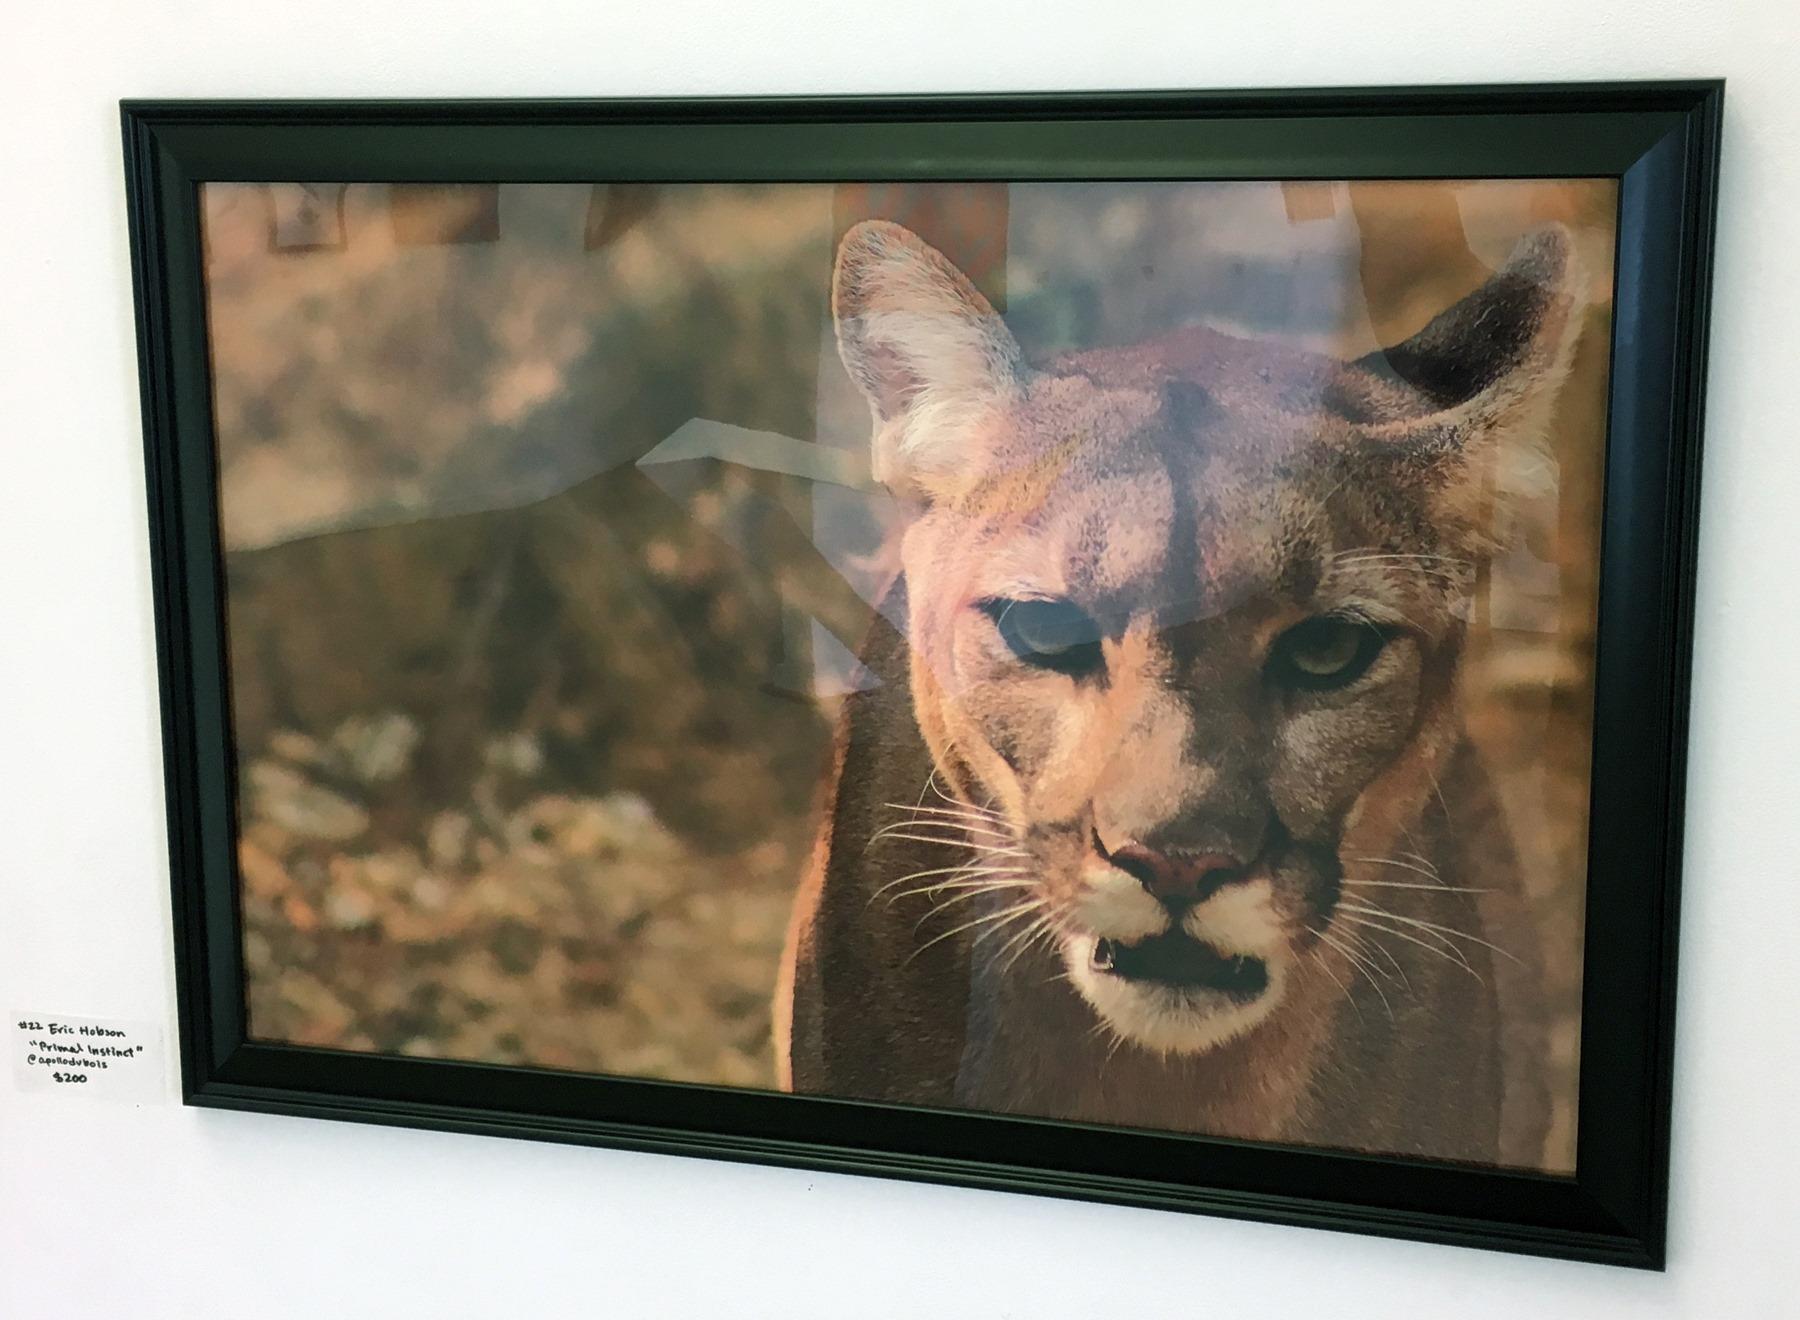 """Eric Hobson - """"Primal Instinct"""" Insta: @apollodubois For Sale: $200"""